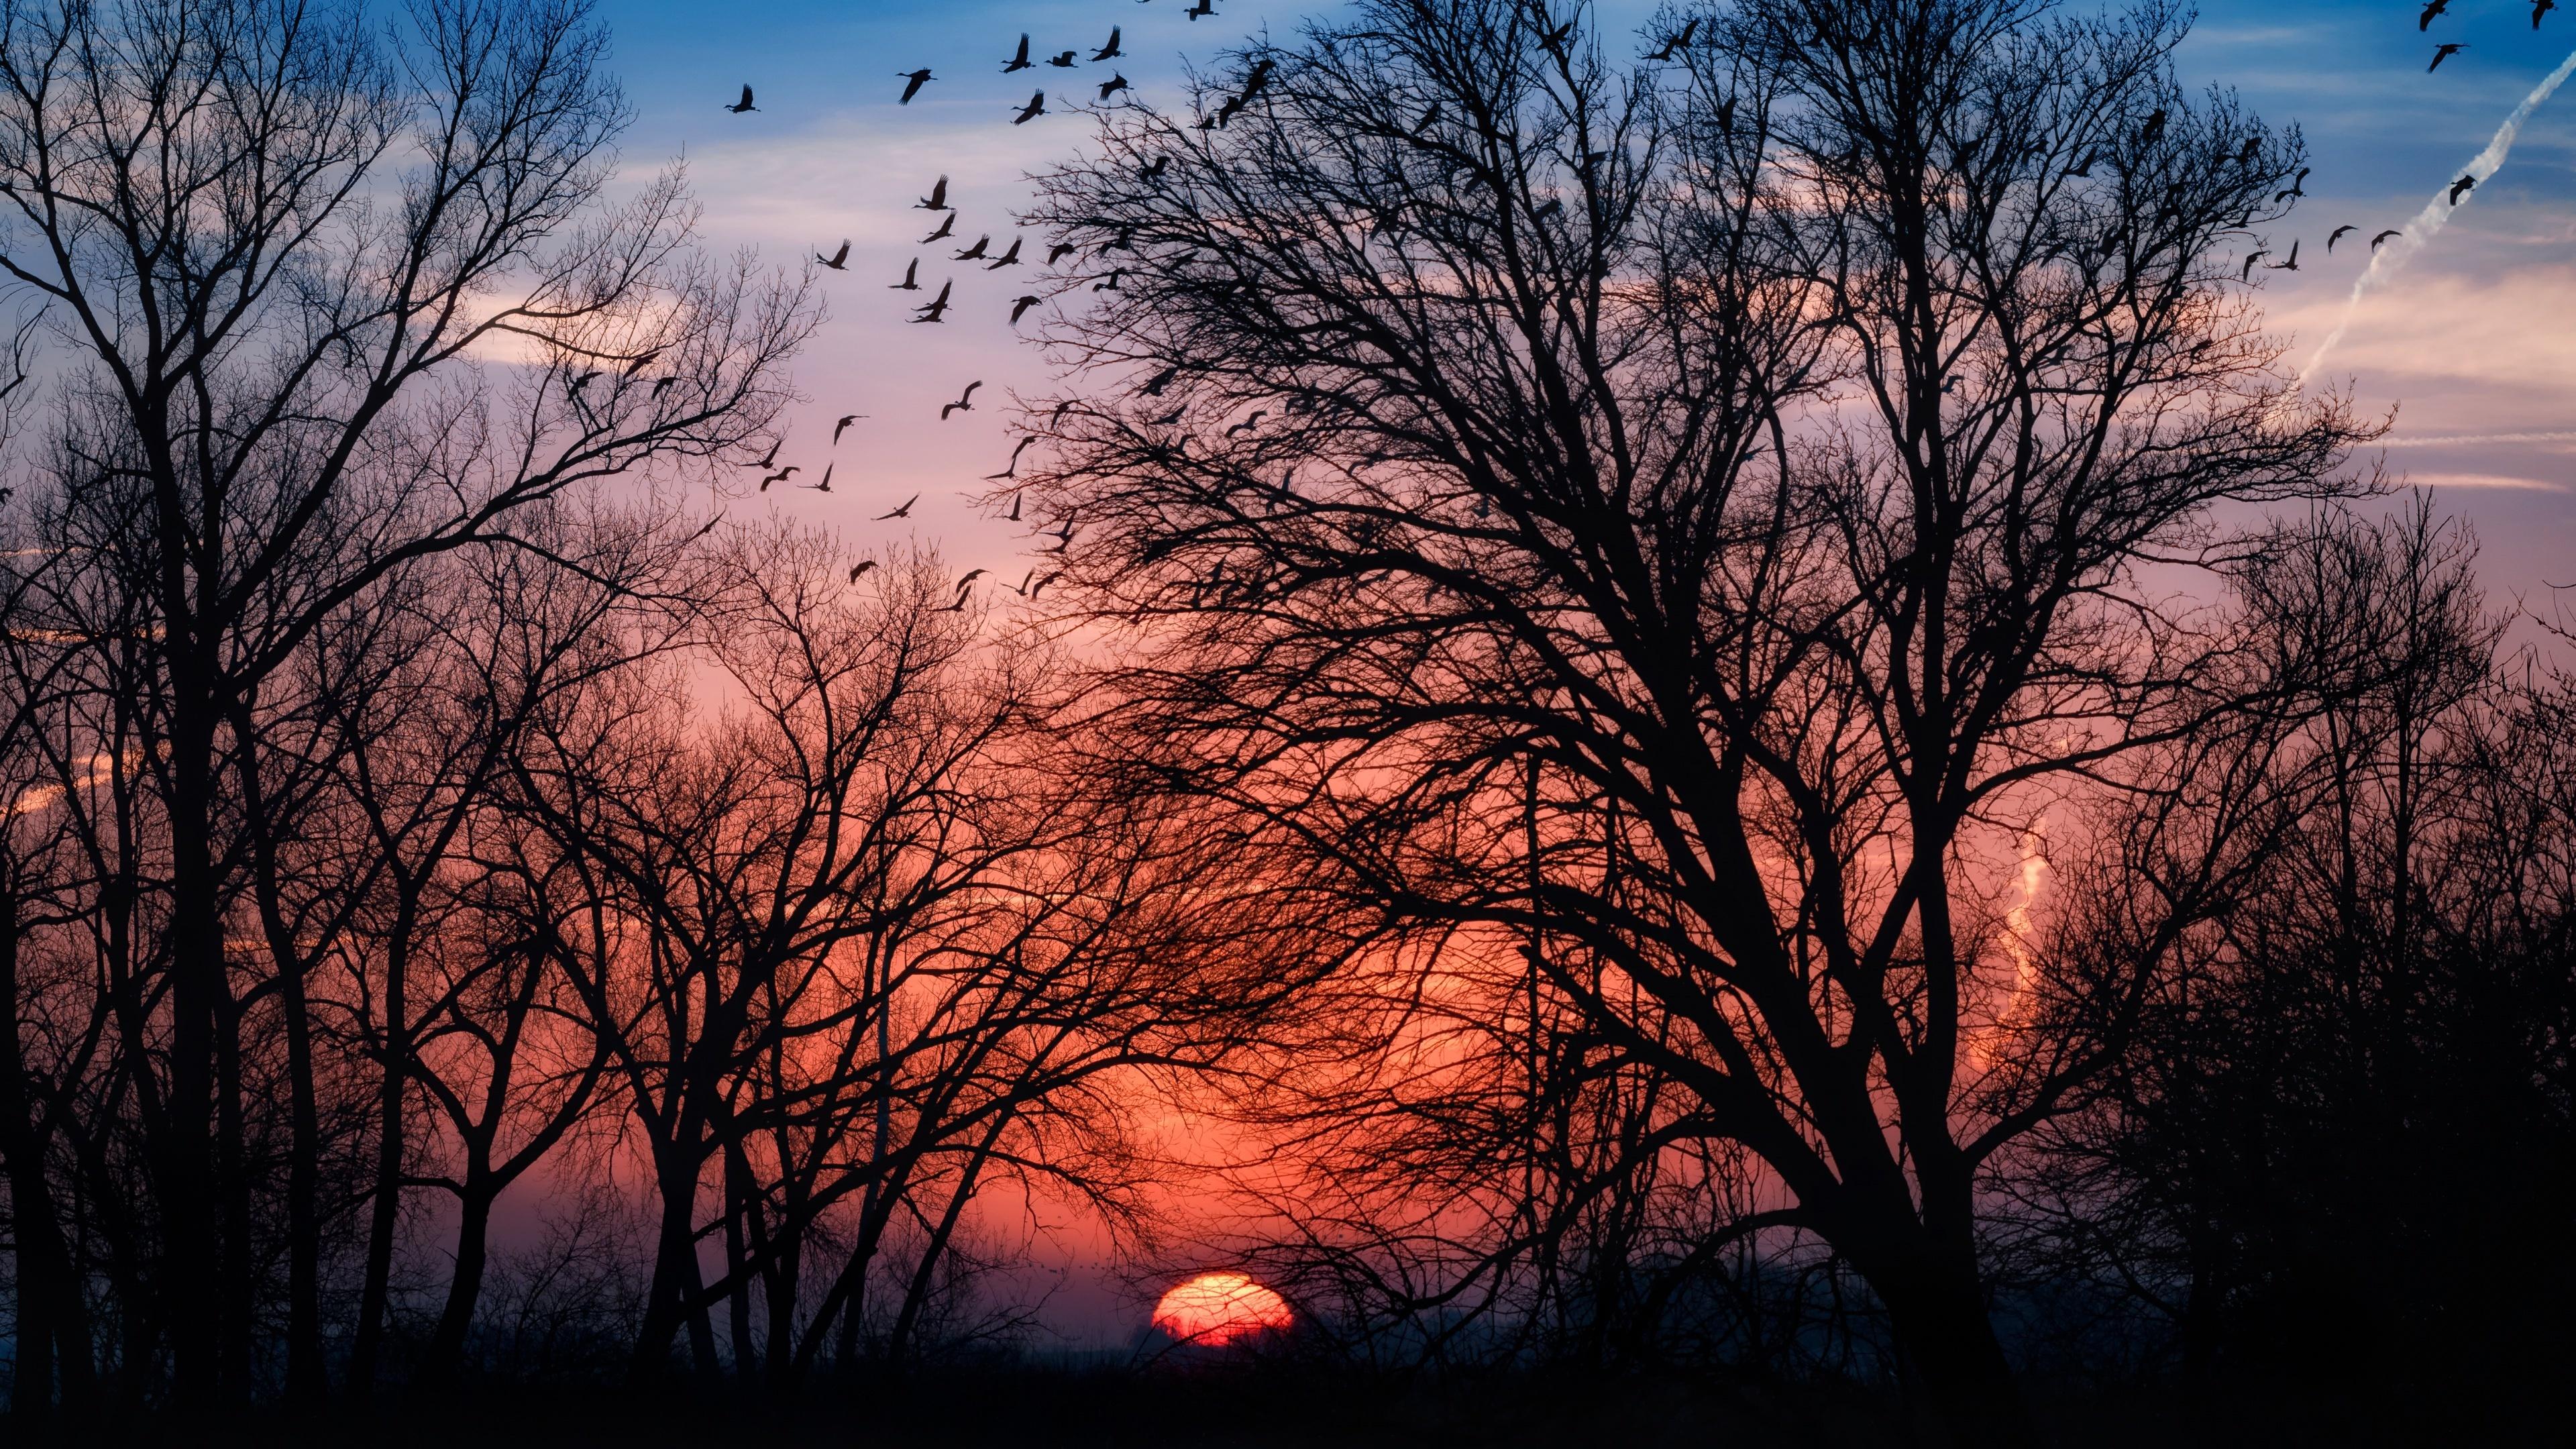 Картинки силуэты Природа Рассветы и закаты ветвь деревьев 3840x2160 Силуэт силуэта рассвет и закат Ветки ветка на ветке дерево дерева Деревья